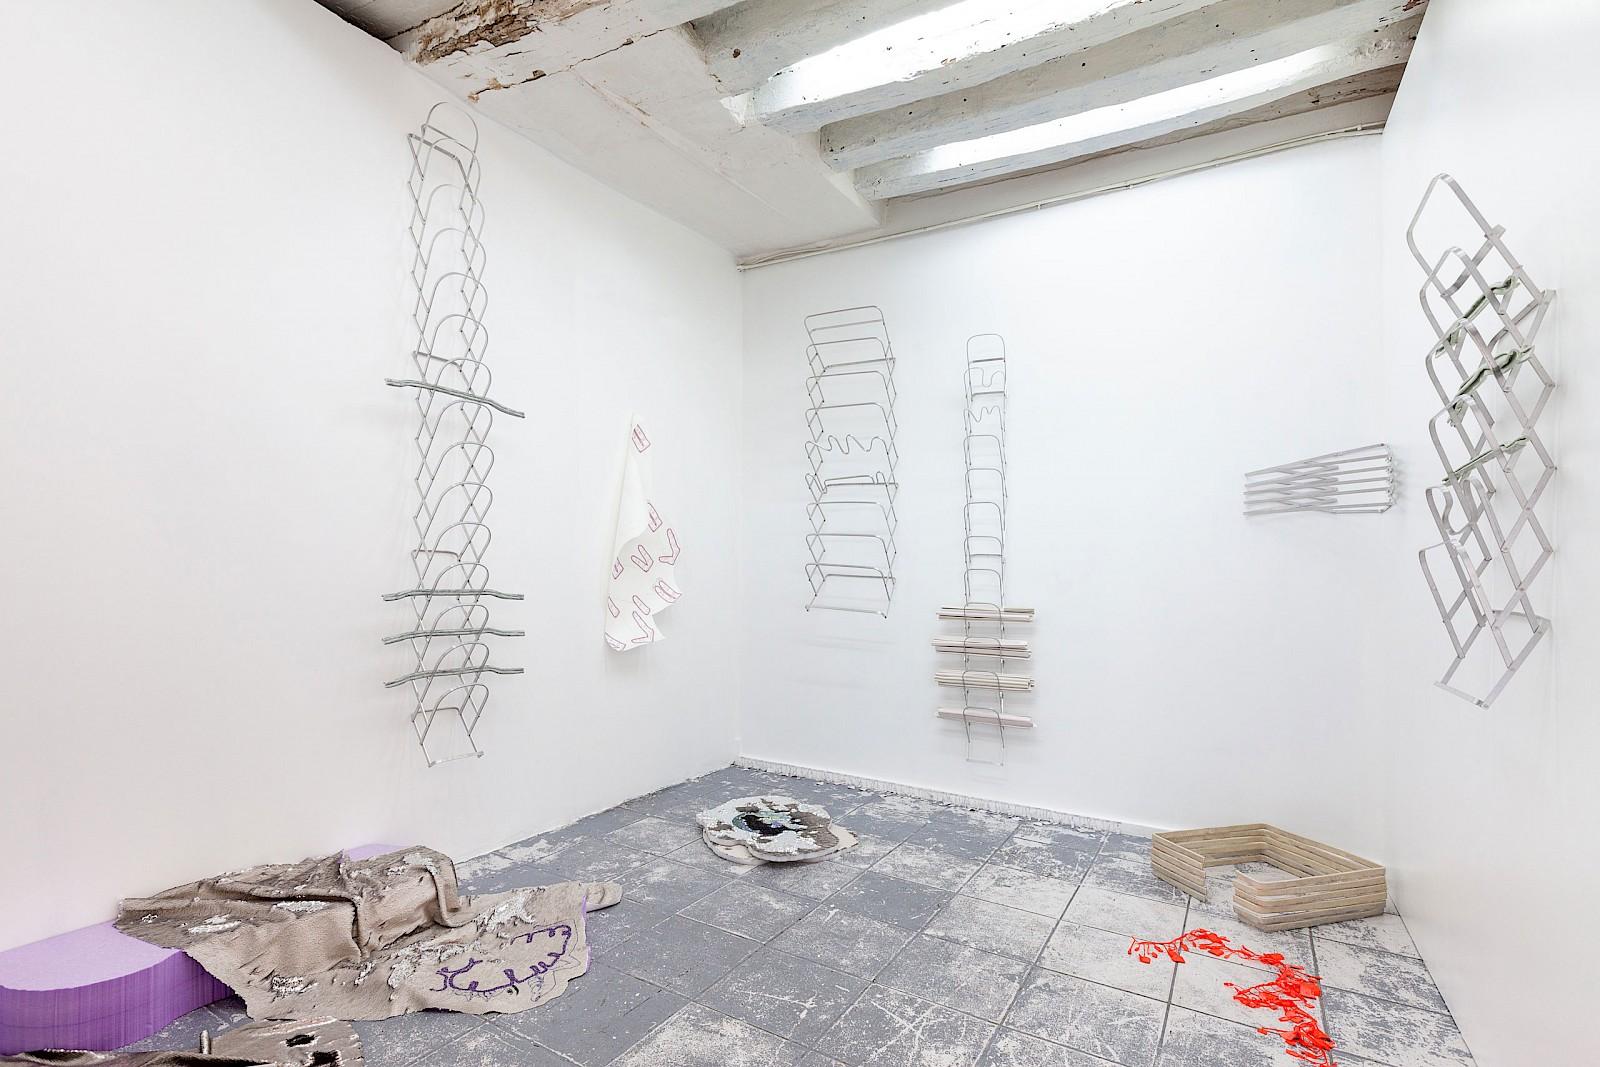 Image - Installation view, Aluminium, textiles, embroidery, ceramics